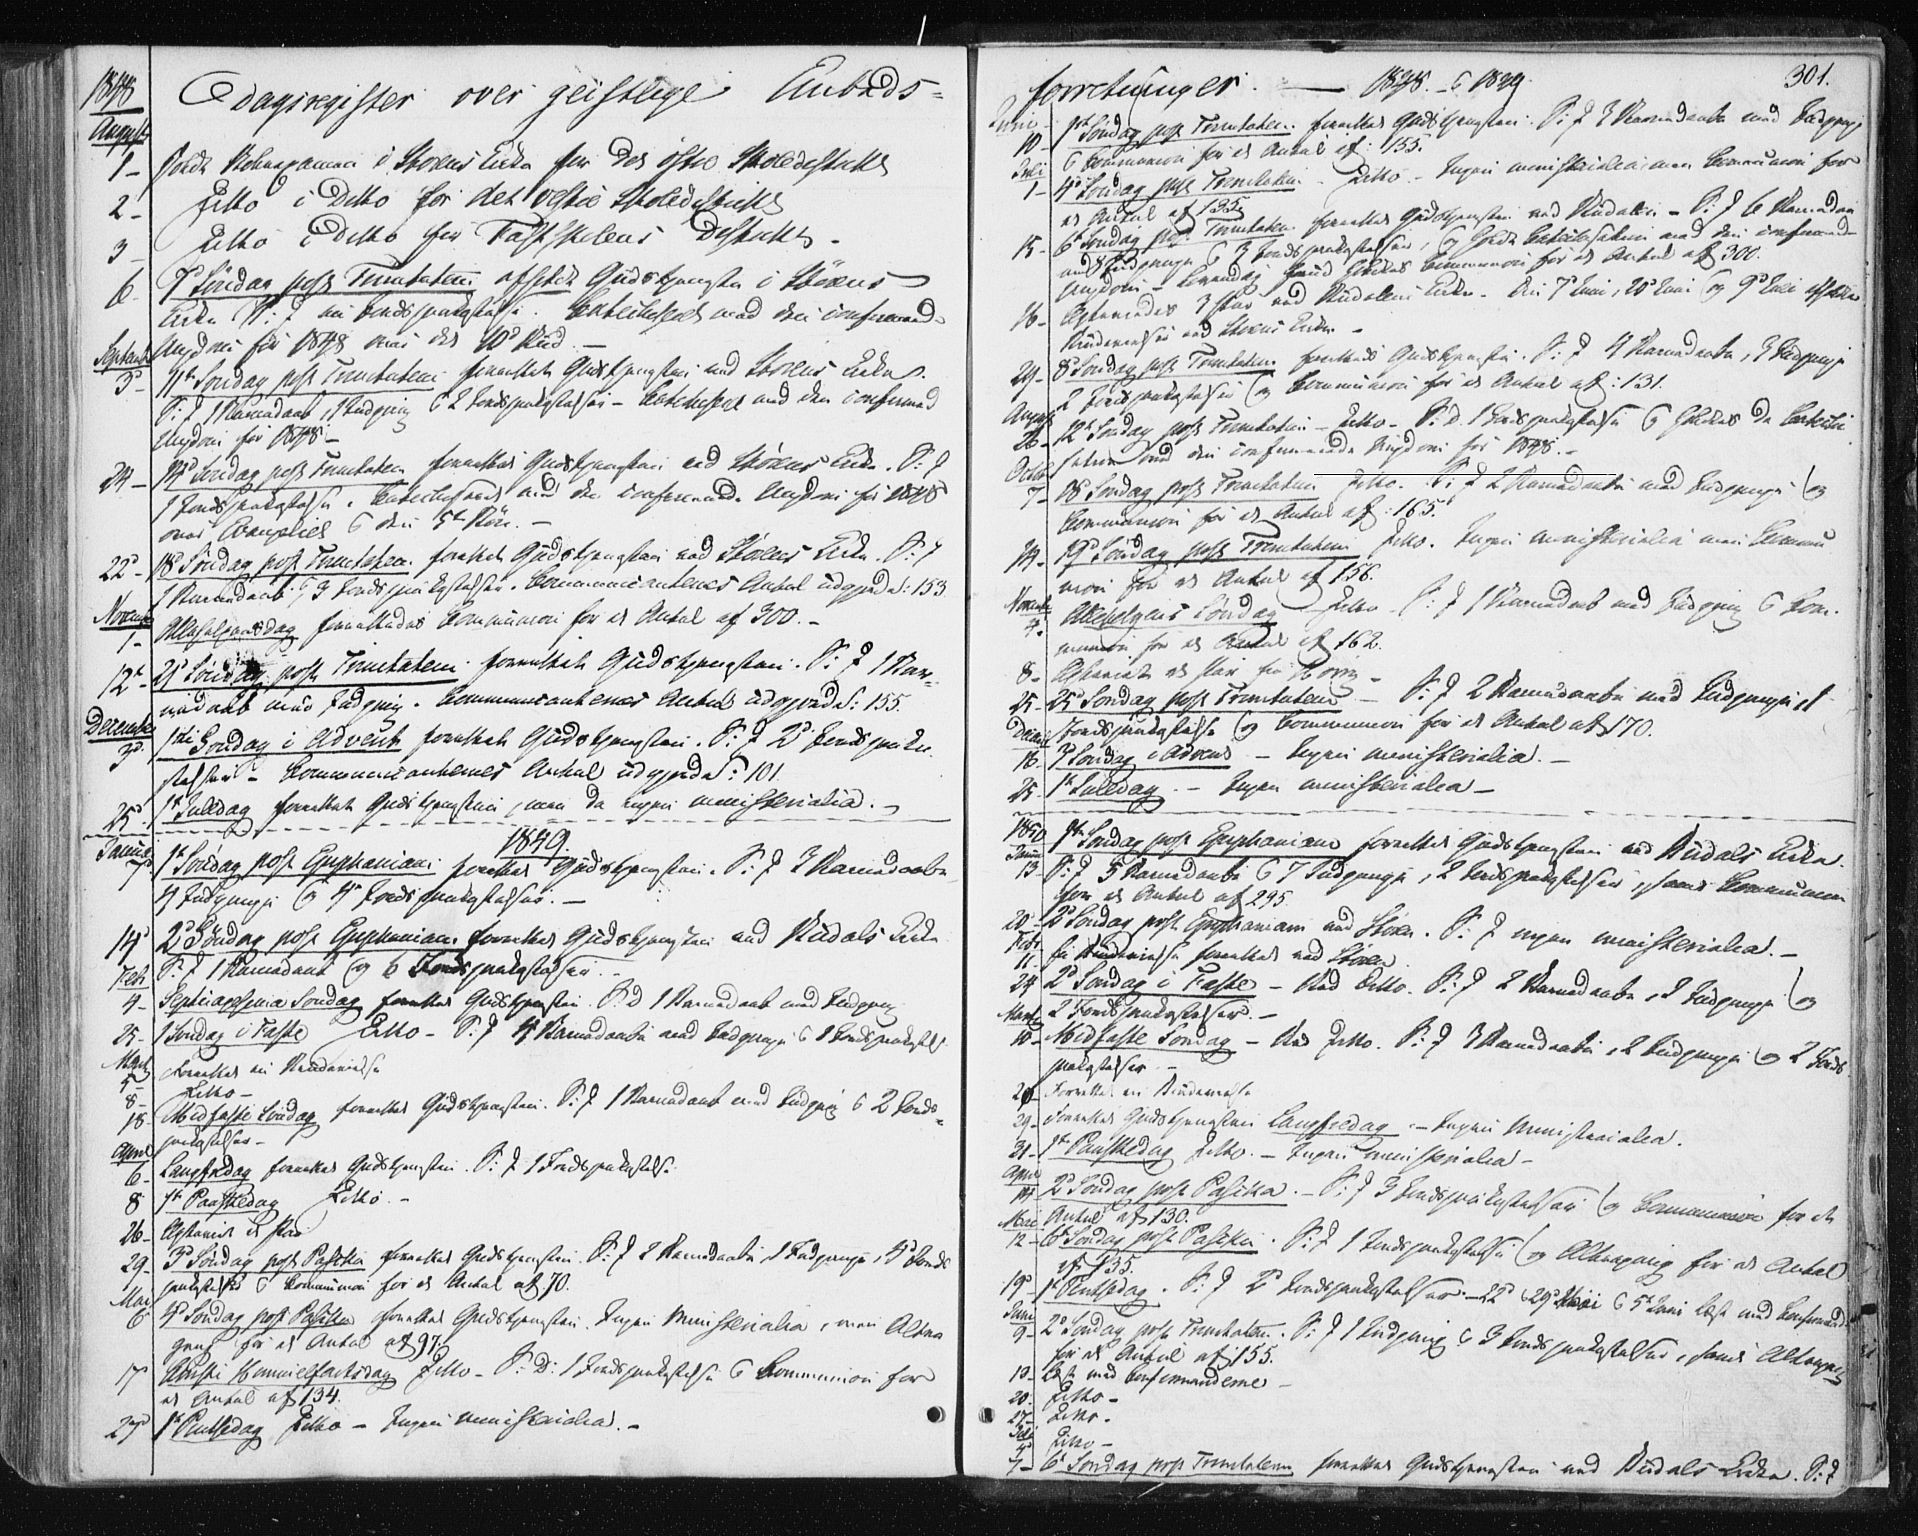 SAT, Ministerialprotokoller, klokkerbøker og fødselsregistre - Sør-Trøndelag, 687/L1000: Ministerialbok nr. 687A06, 1848-1869, s. 301